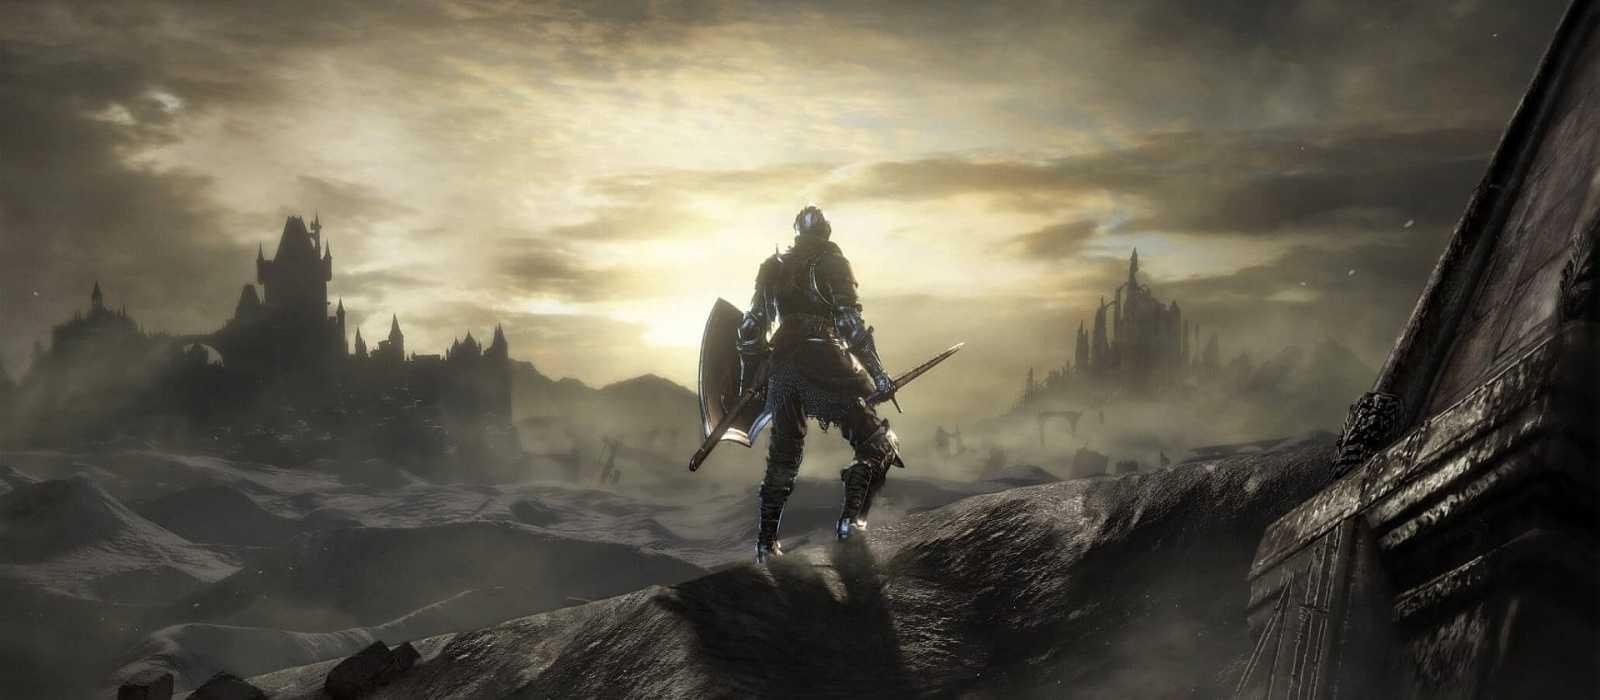 Seltsamer NPC in Dark Souls - Fan-Video in russischer Sprache, übersetzt von VGTimes